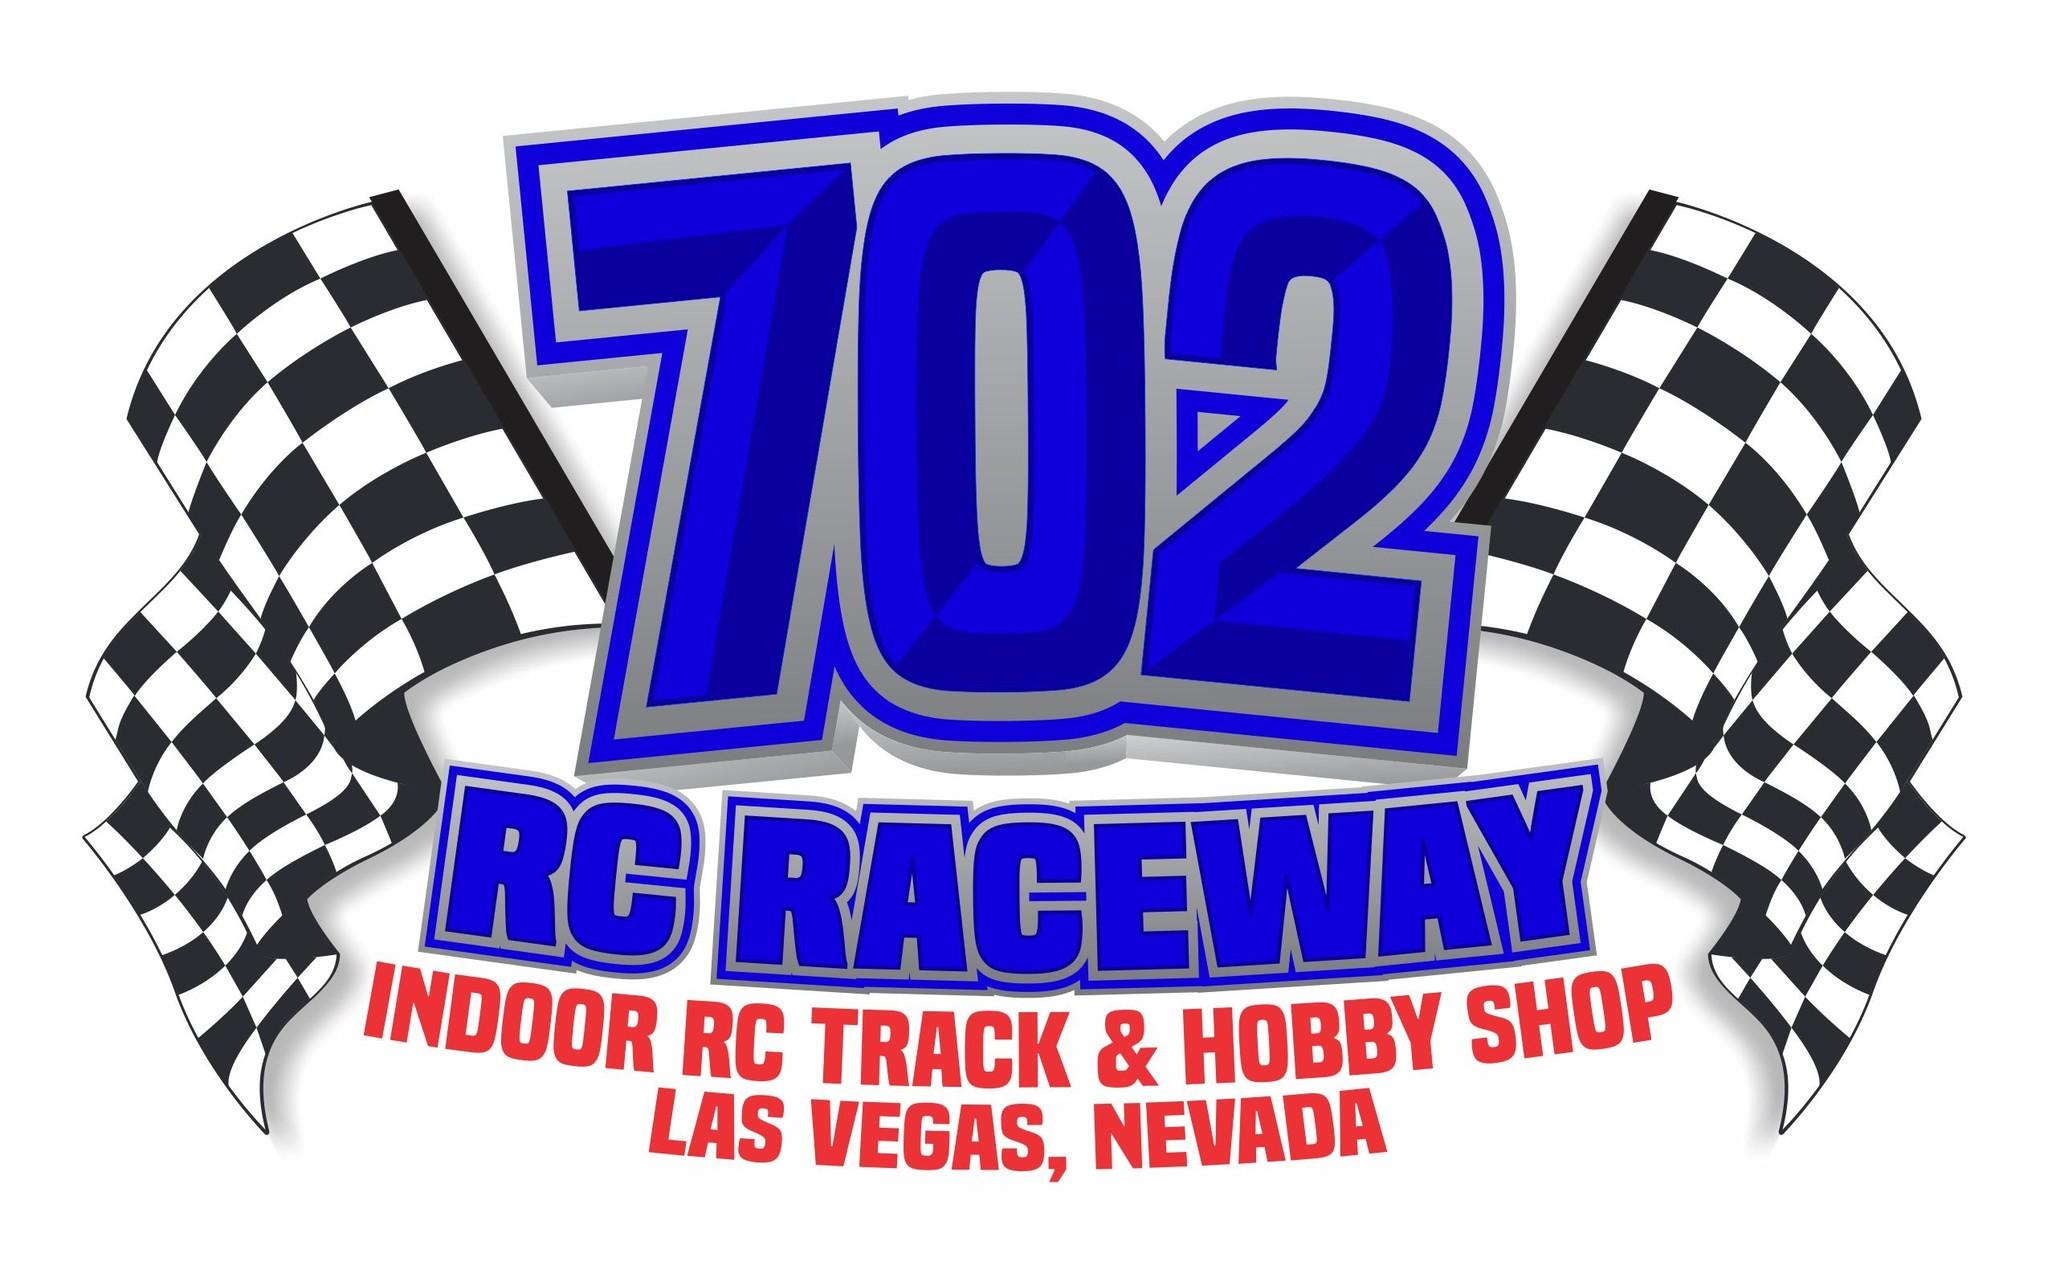 702 RC Raceway Track News: Week of Oct 13 – Oct 17